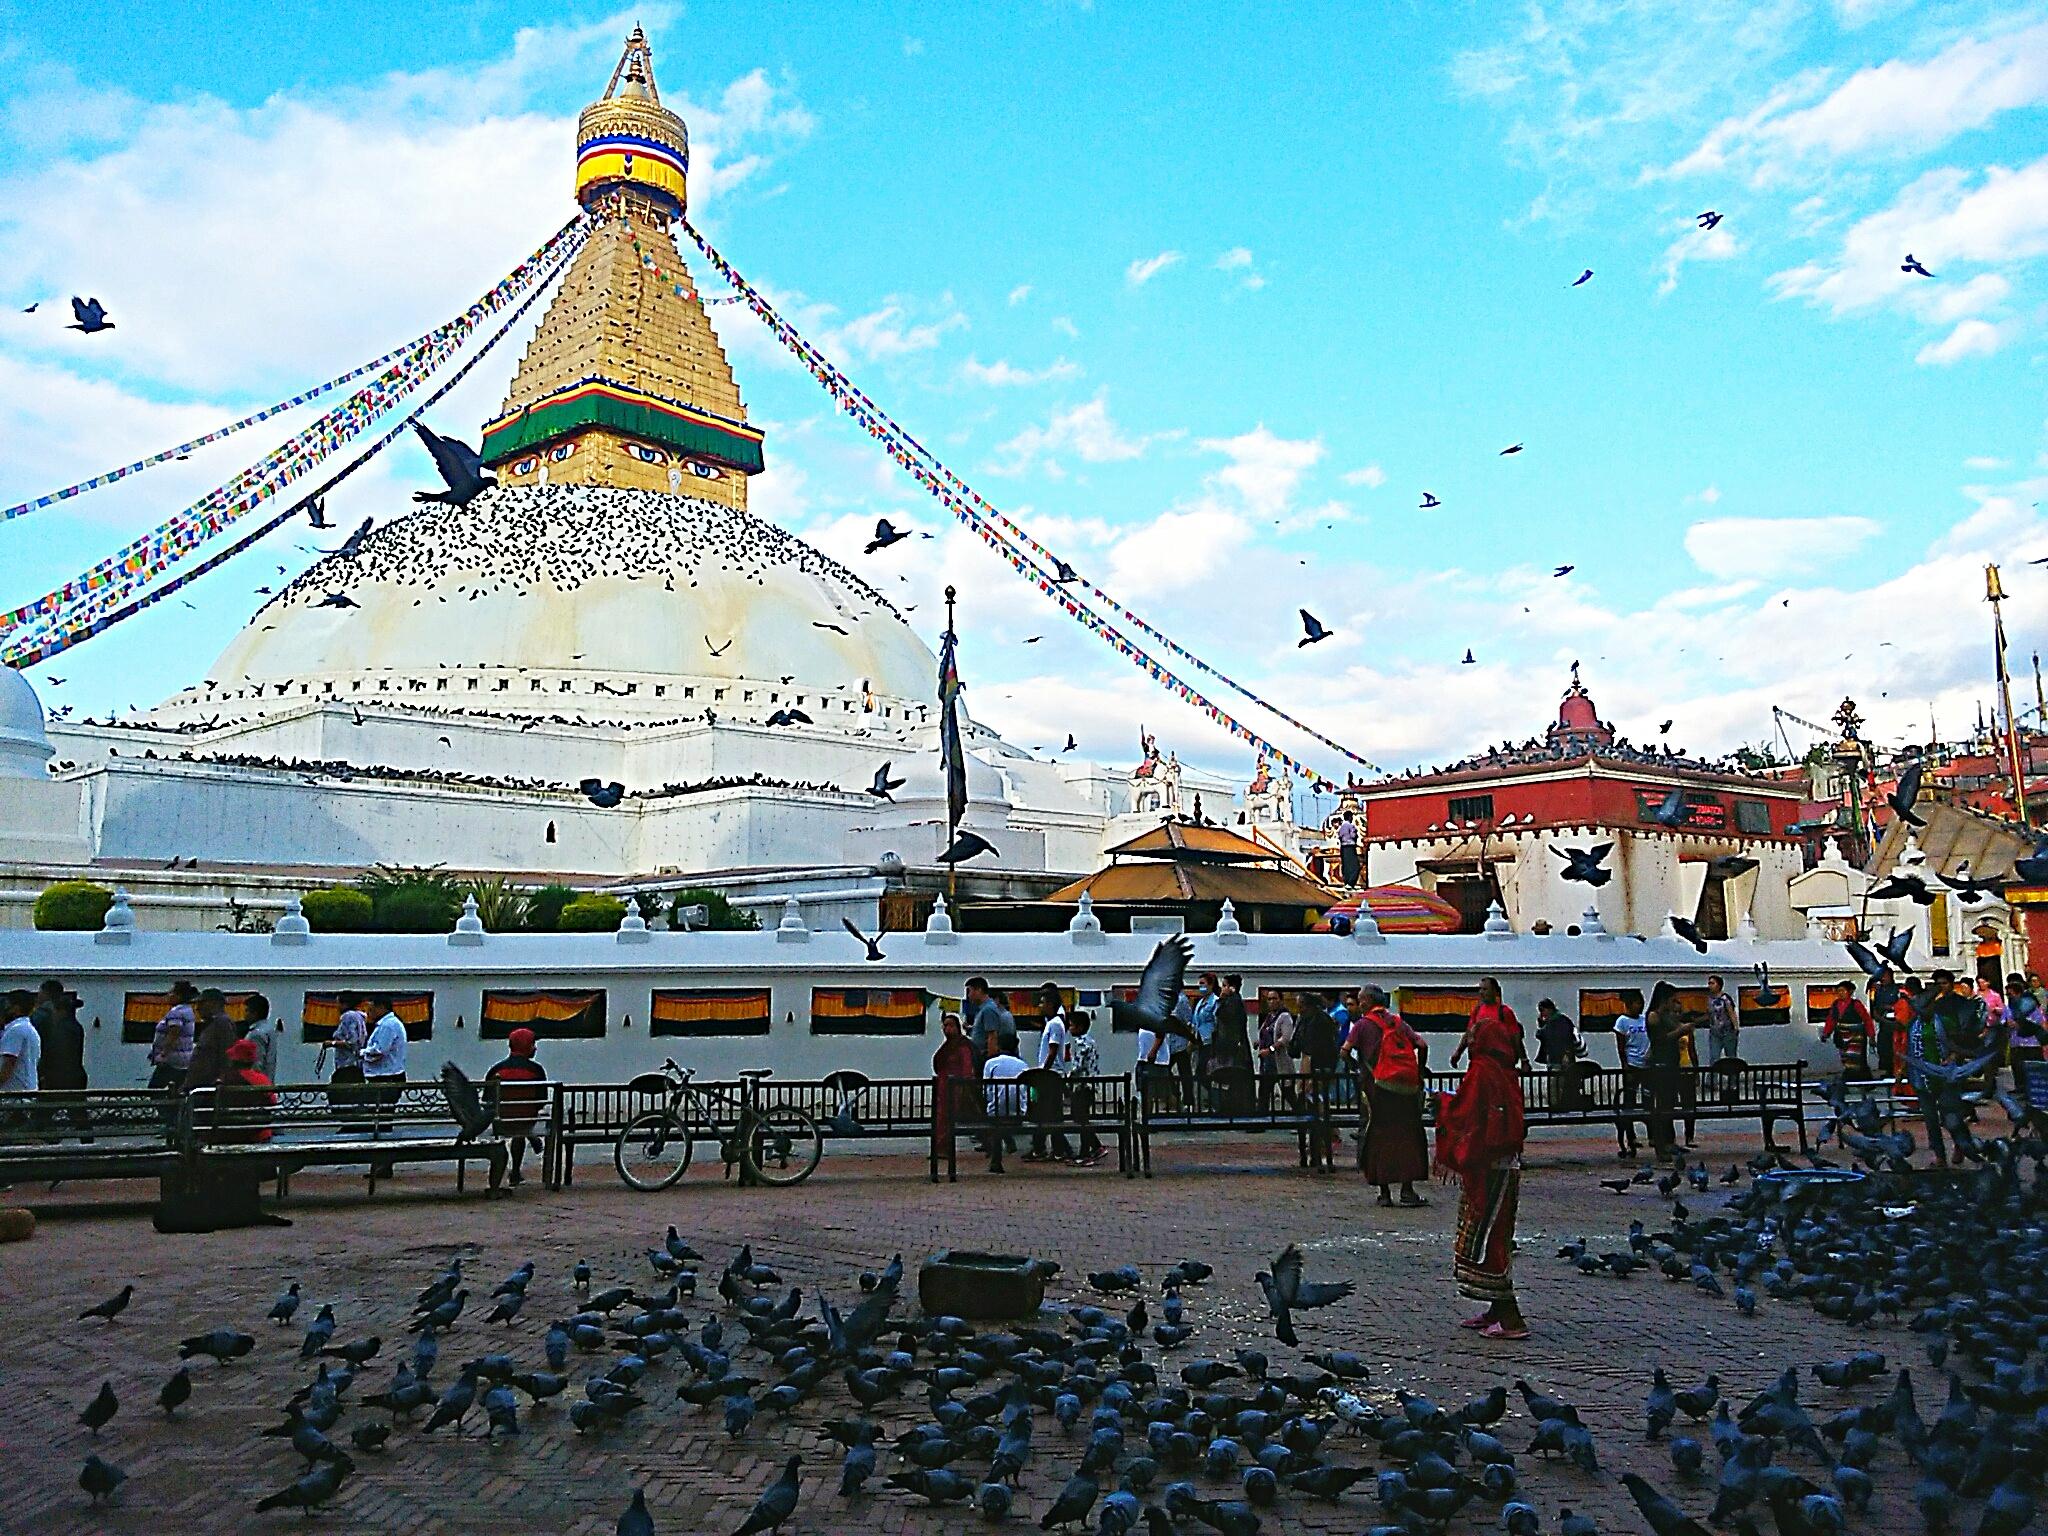 【ネパールの魅力は物価にあり?】いかに安いかがわかる旅行費用大公開!